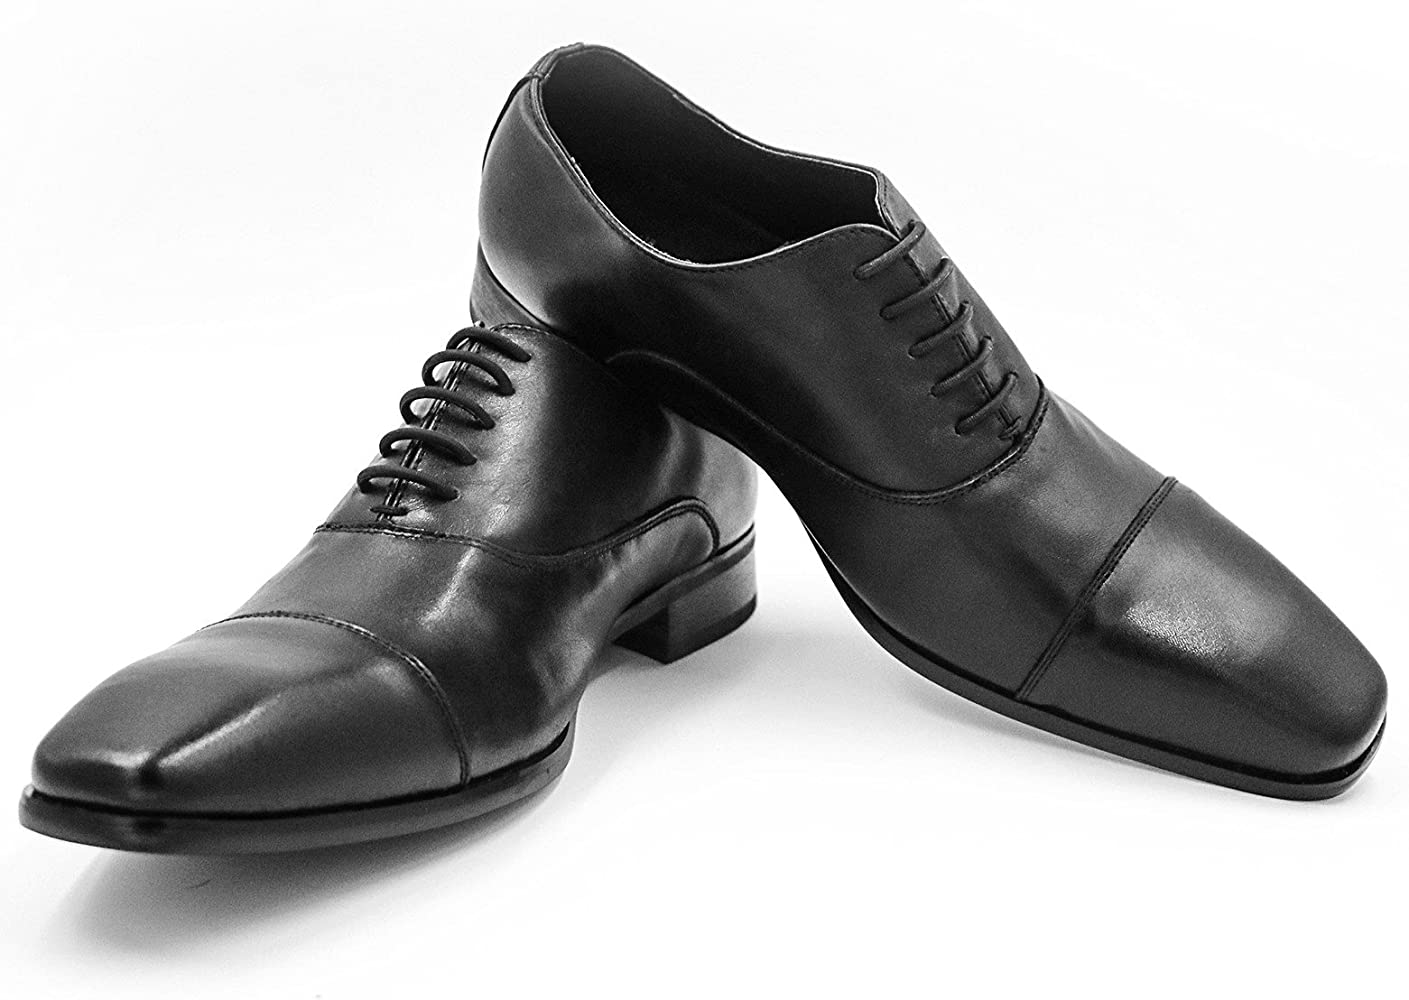 INMAKER No Tie Dress Shoe Laces for Men